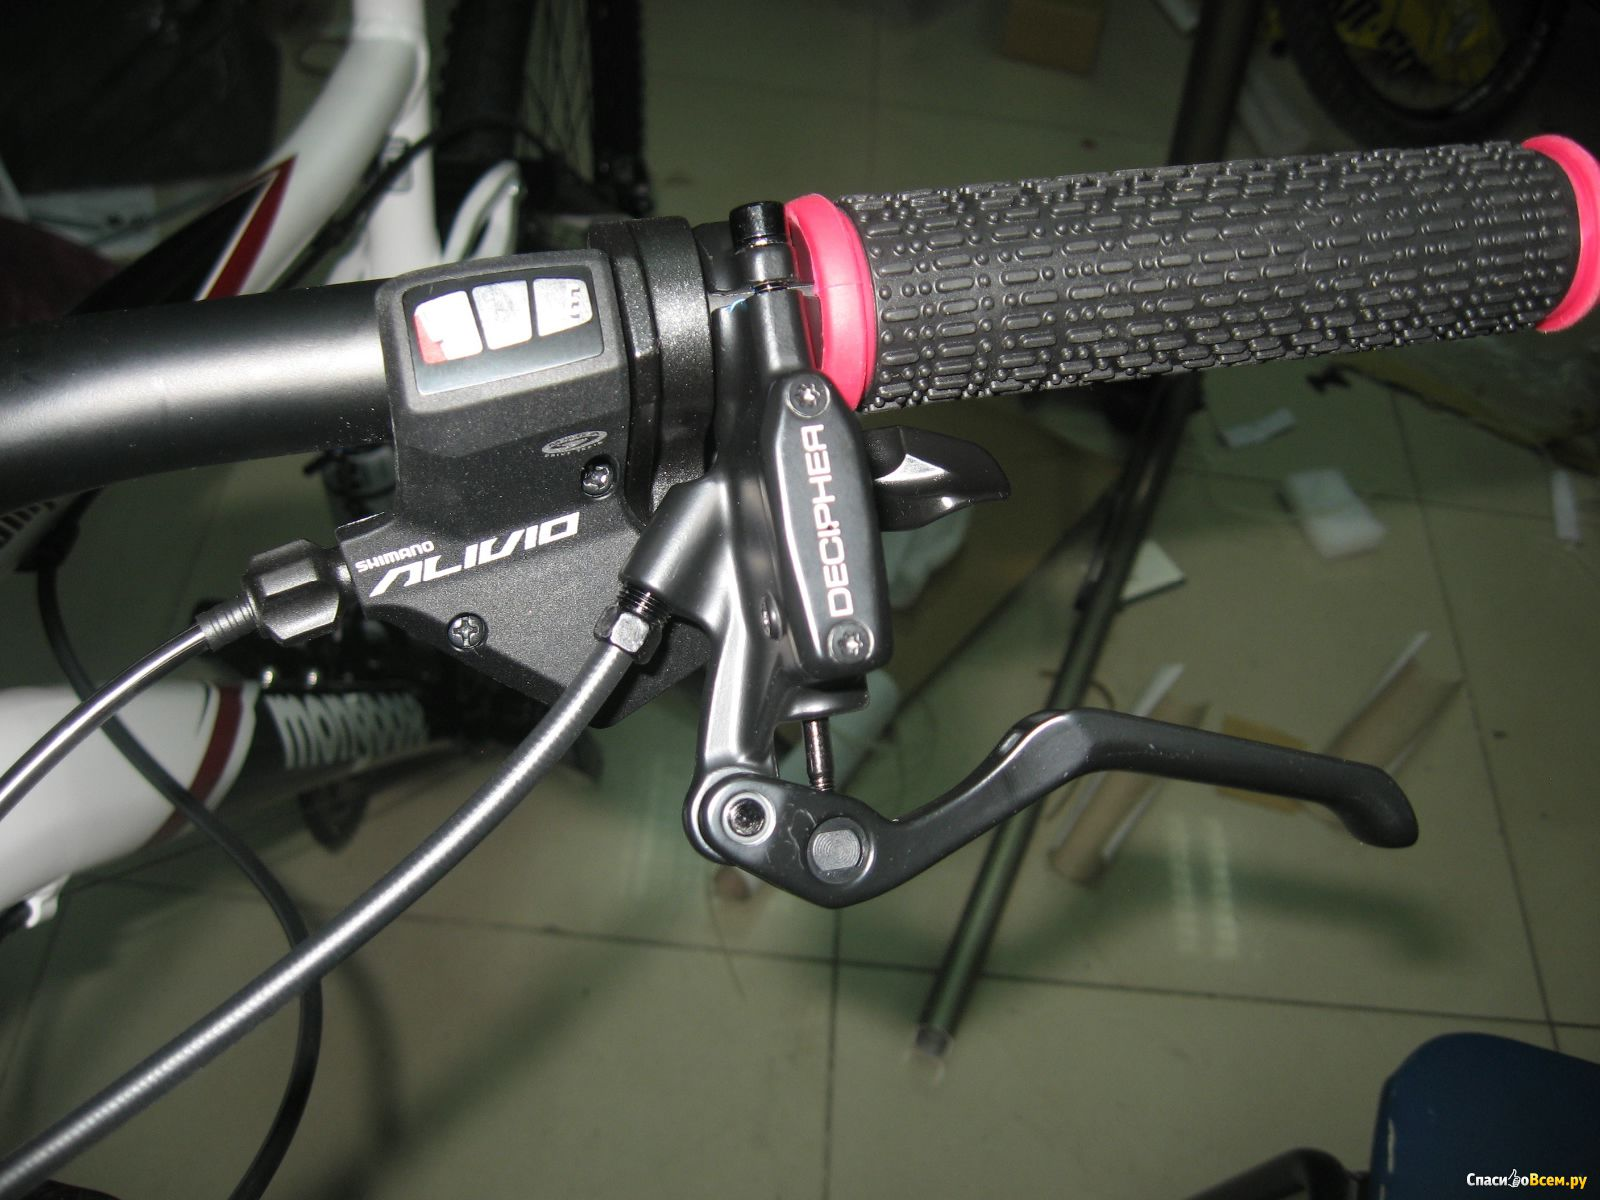 ВАЗ 2114 инжектор расход топлива на 100 км 1.5, 1.6: 8 и.